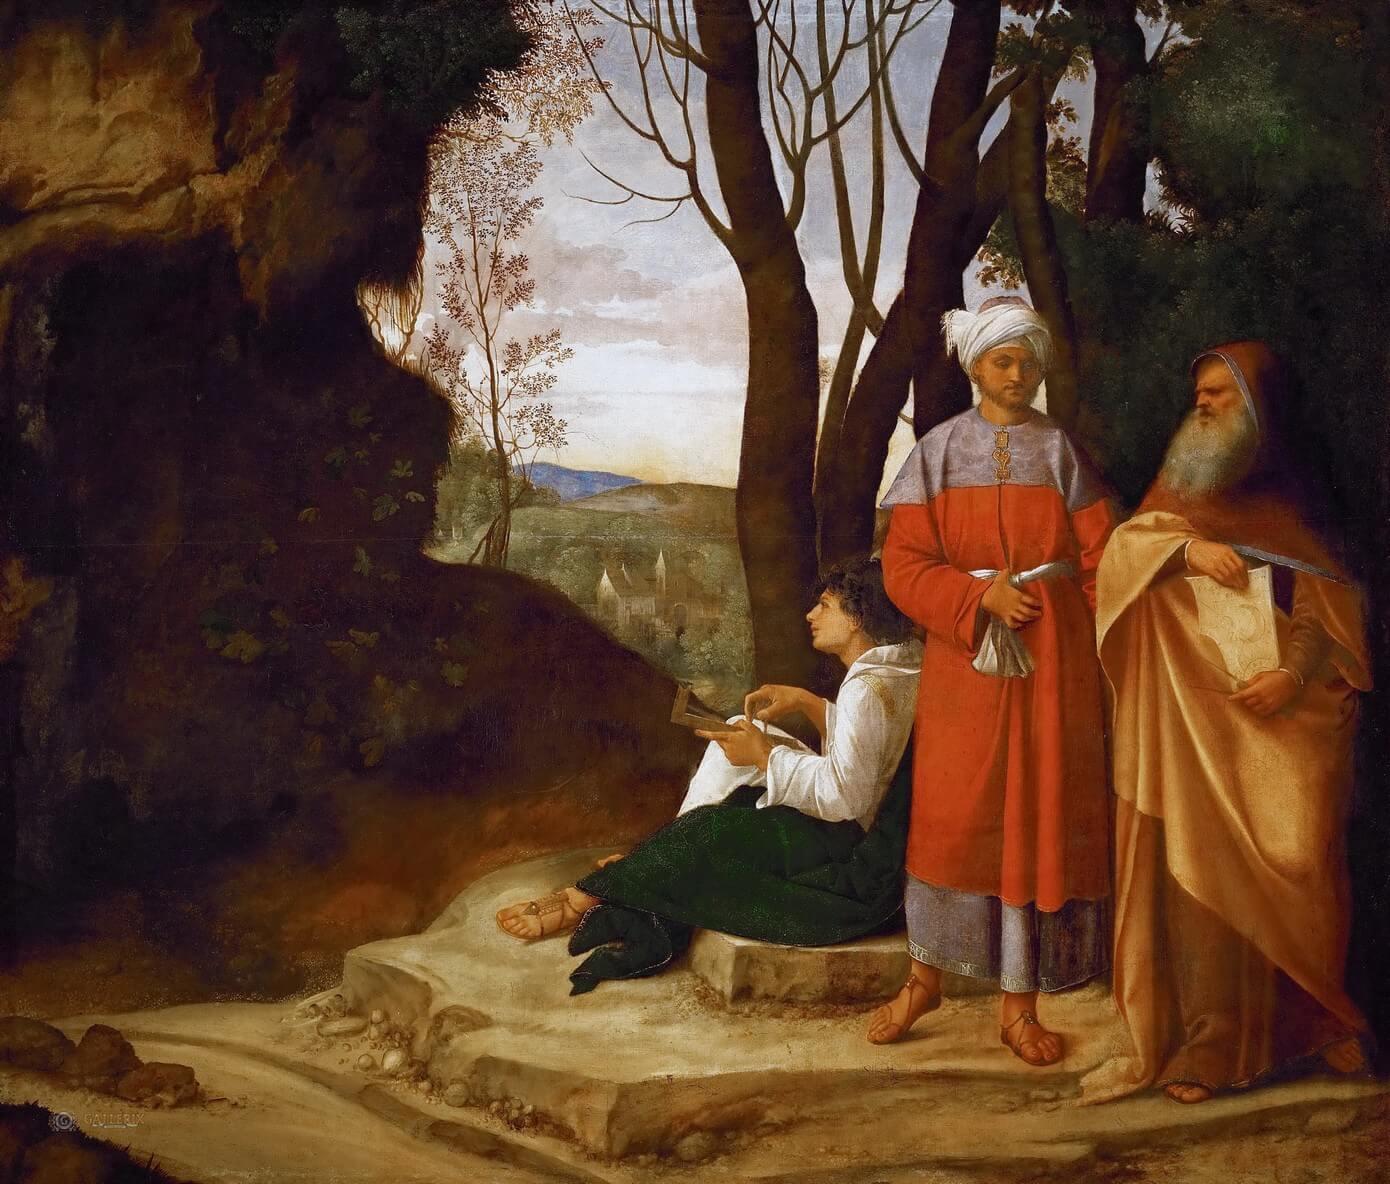 Три философа, Джорджоне, около 1505-1509 гг, Музей истории искусств, Вена.